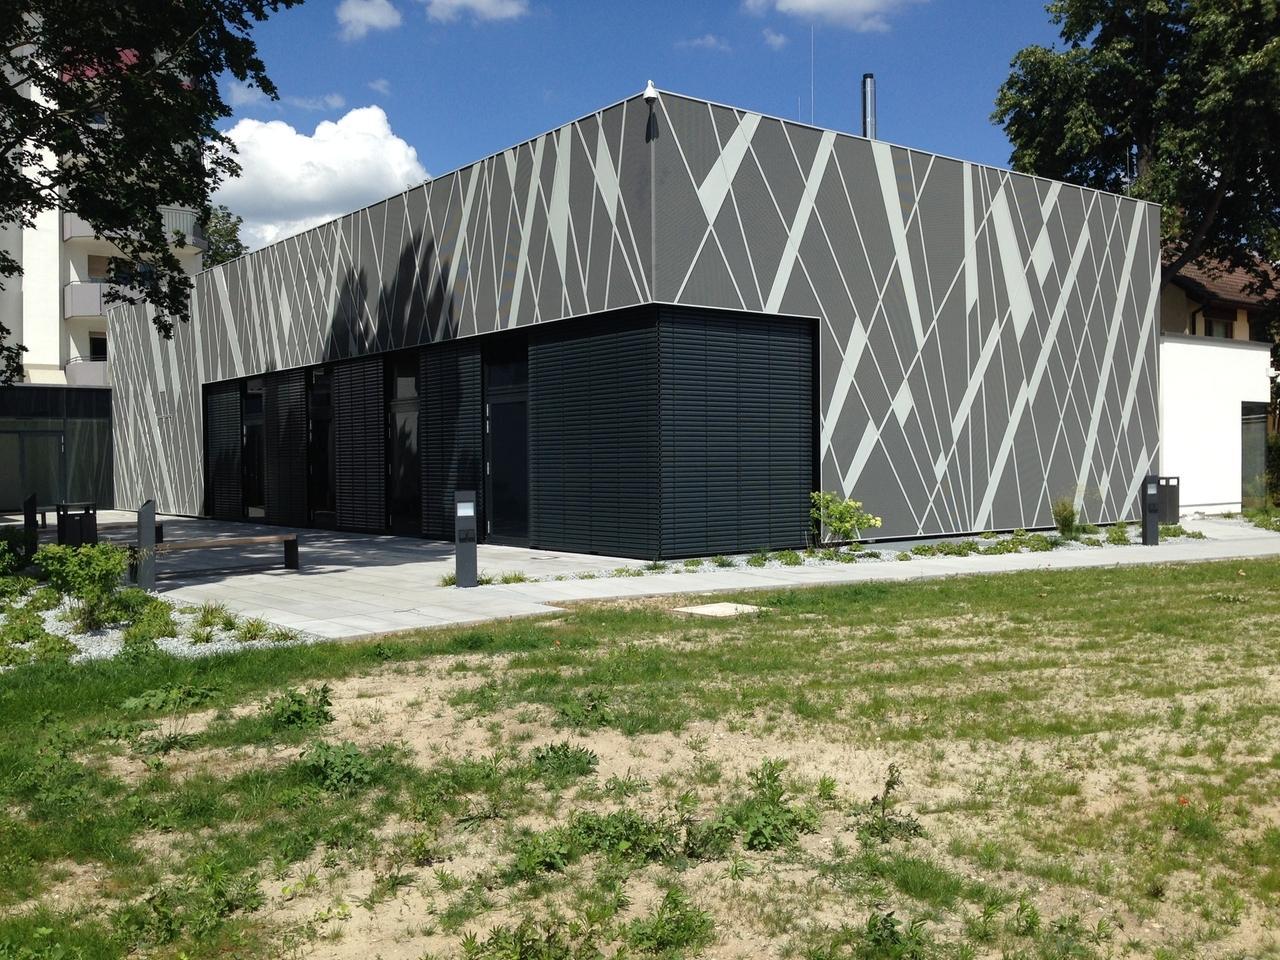 Jüdisches Gemeindezentrum in Nürnberg fertig | BR24